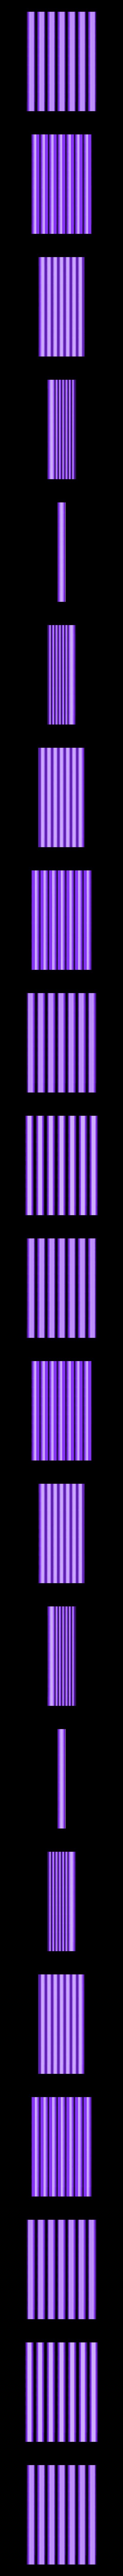 E68459a5 befb 4b25 b45b 509c6d6e66d3